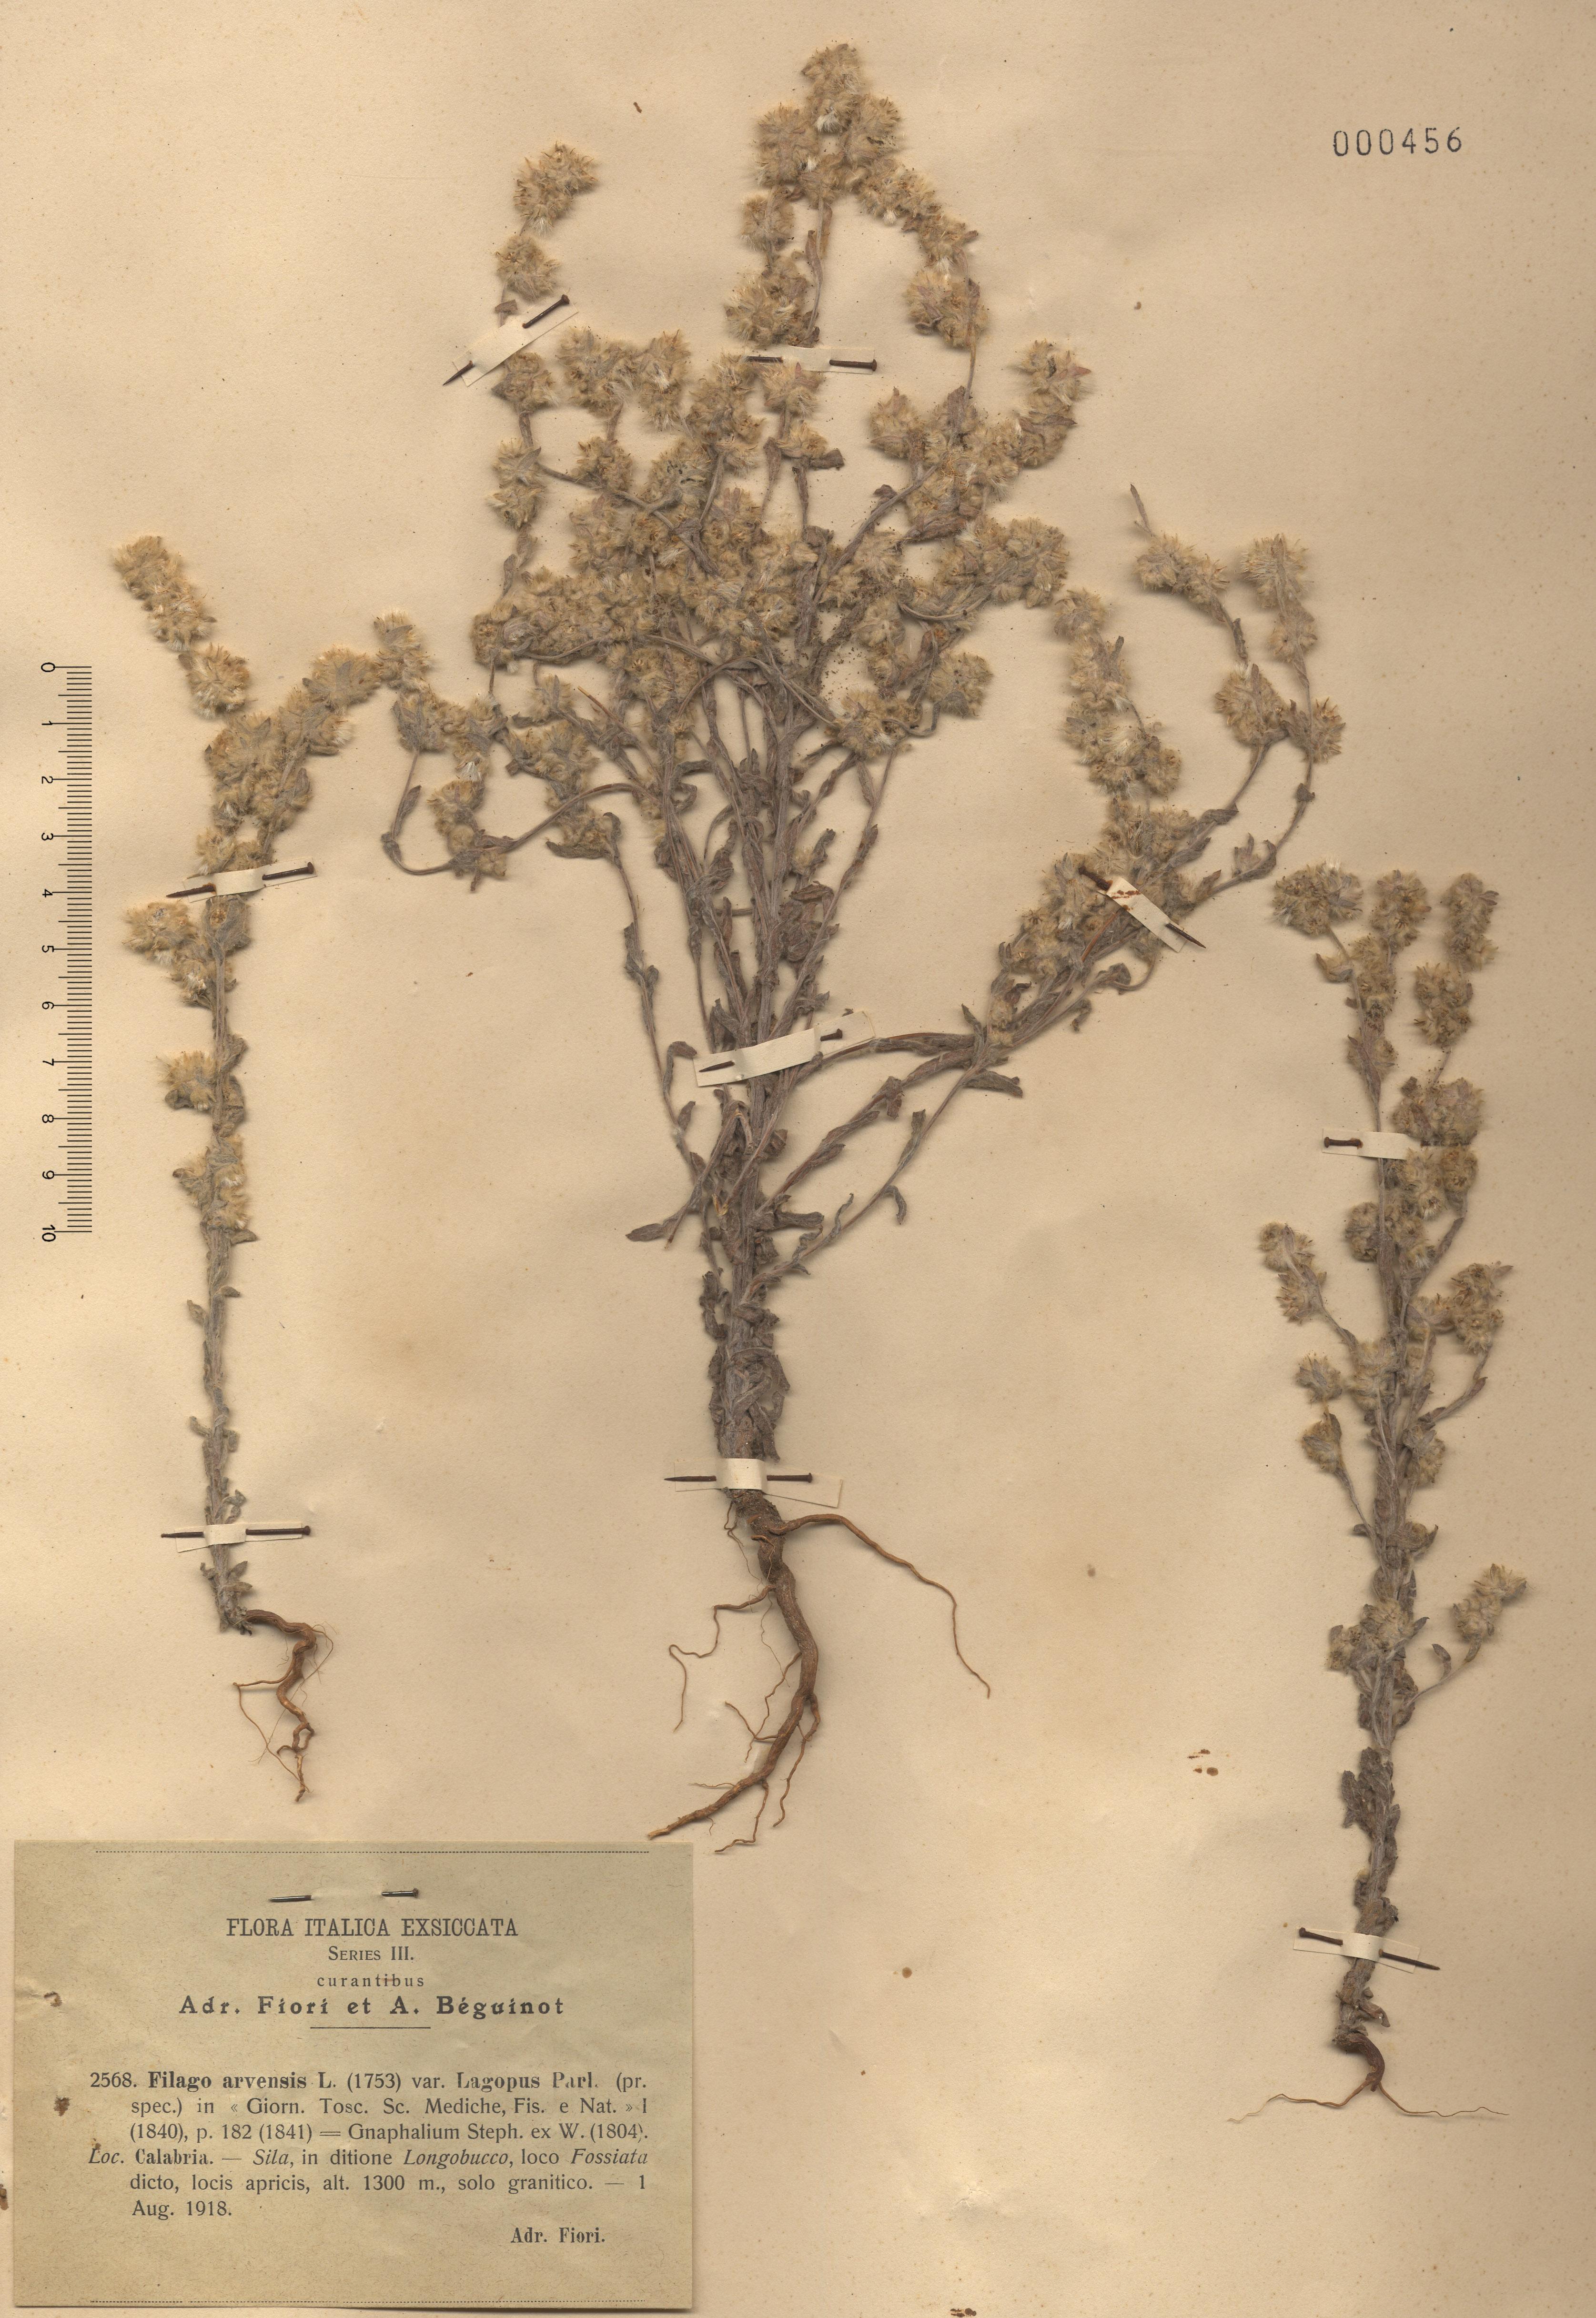 © Hortus Botanicus Catinensis - Herb. sheet 000456<br>